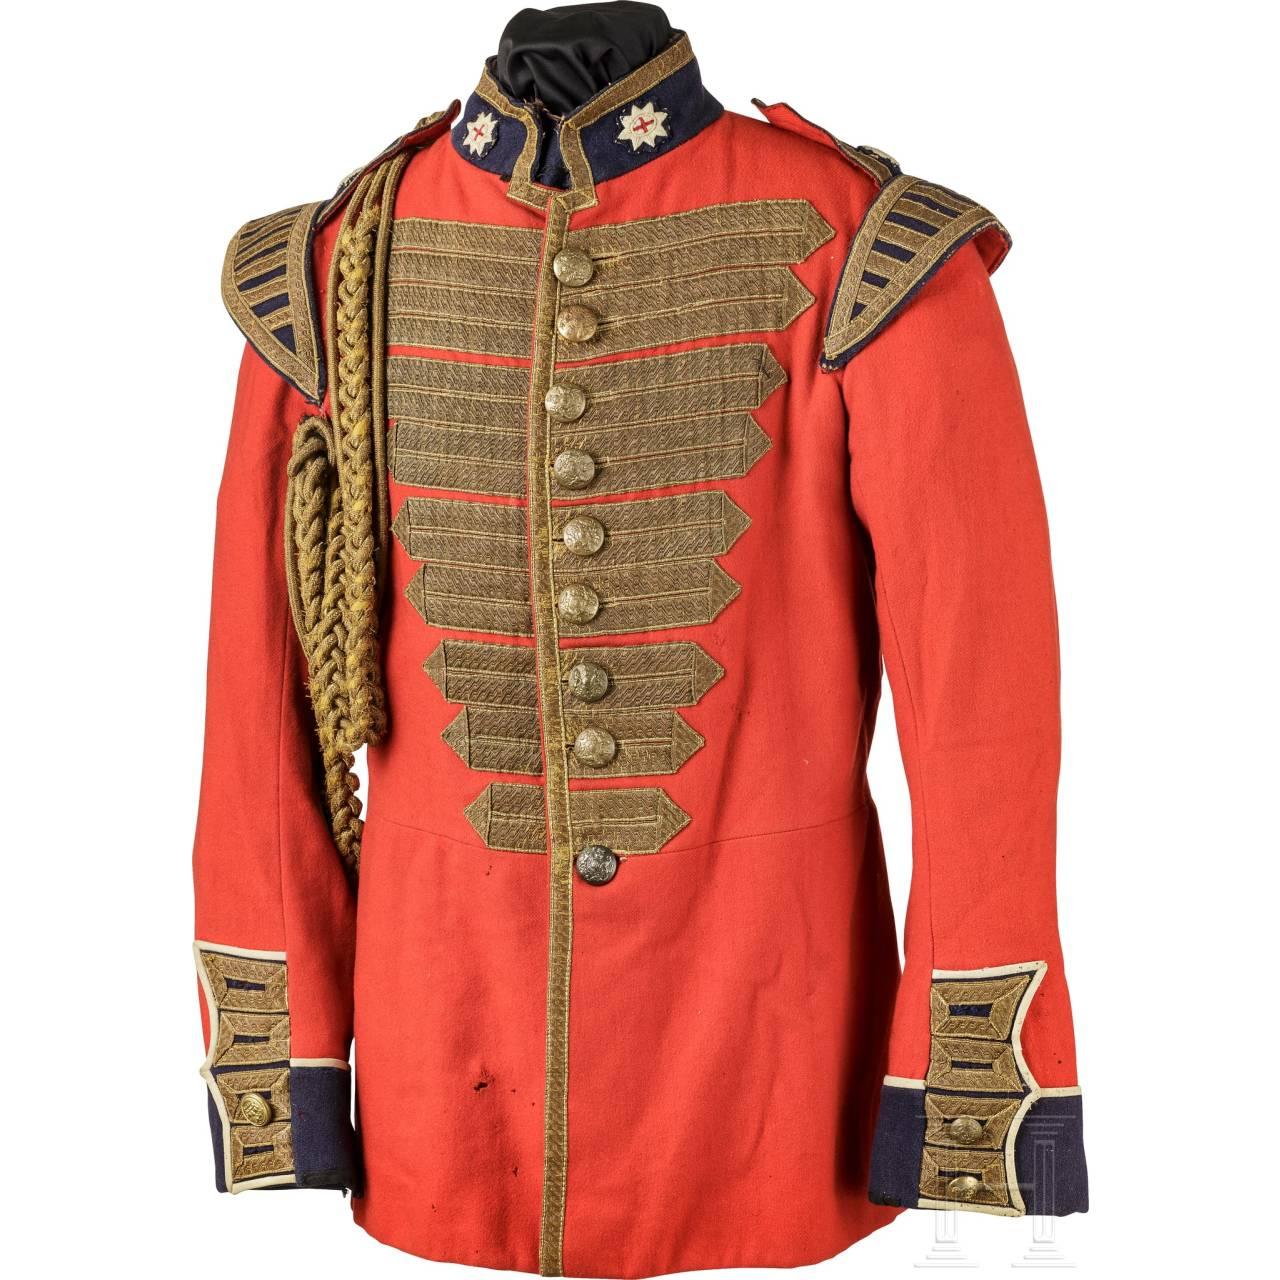 Uniformrock für Angehörige der British Army, 19. Jhdt.